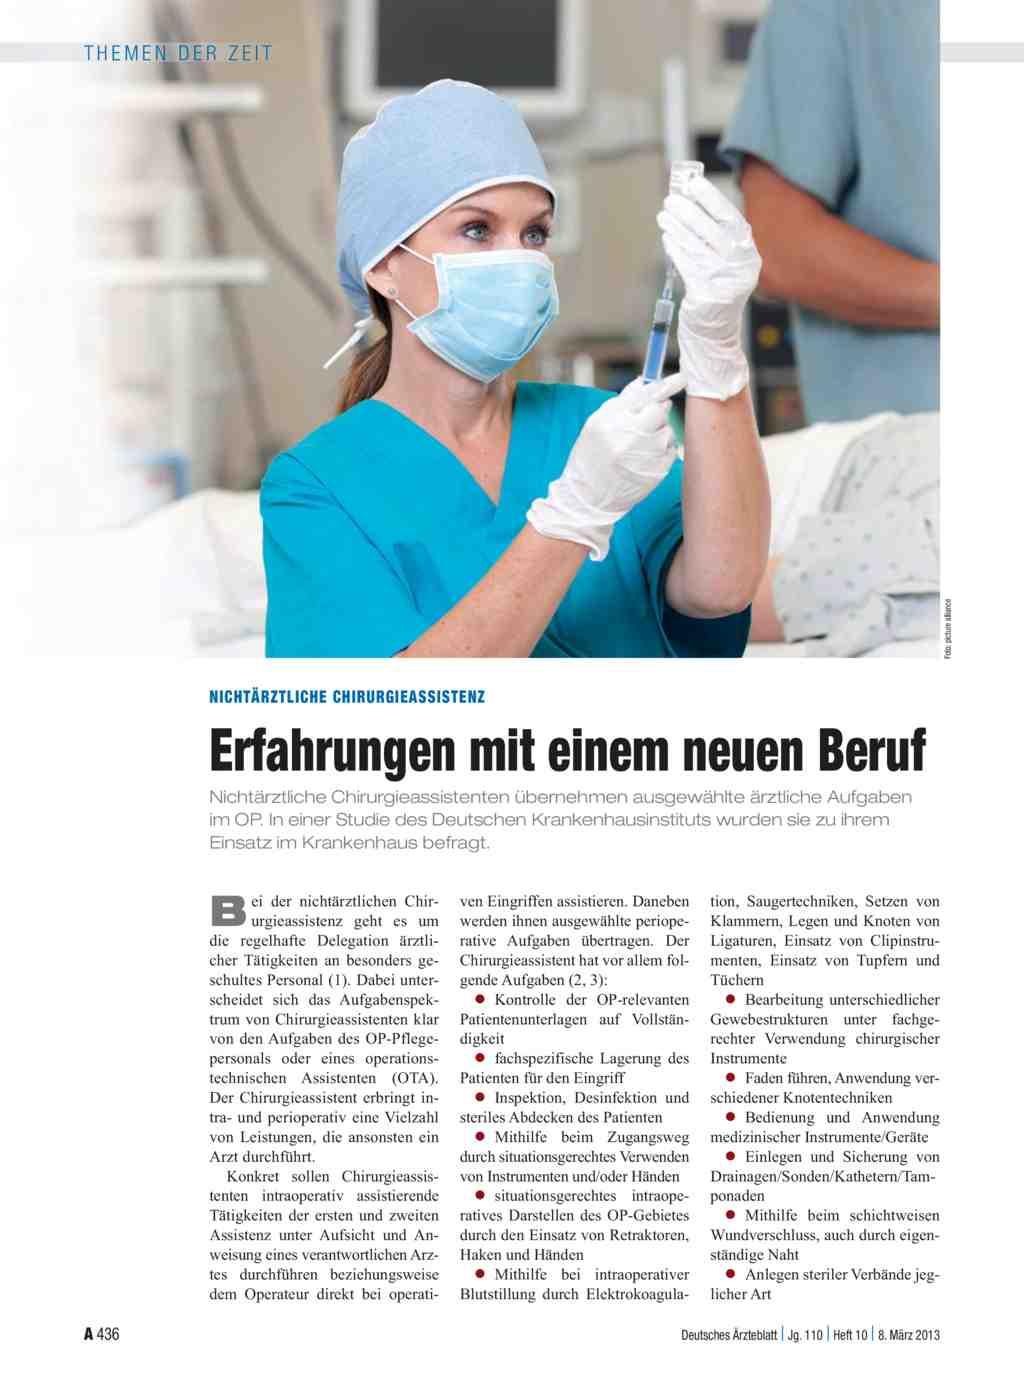 Nichtärztliche Chirurgieassistenz: Erfahrungen mit einem neuen Beruf